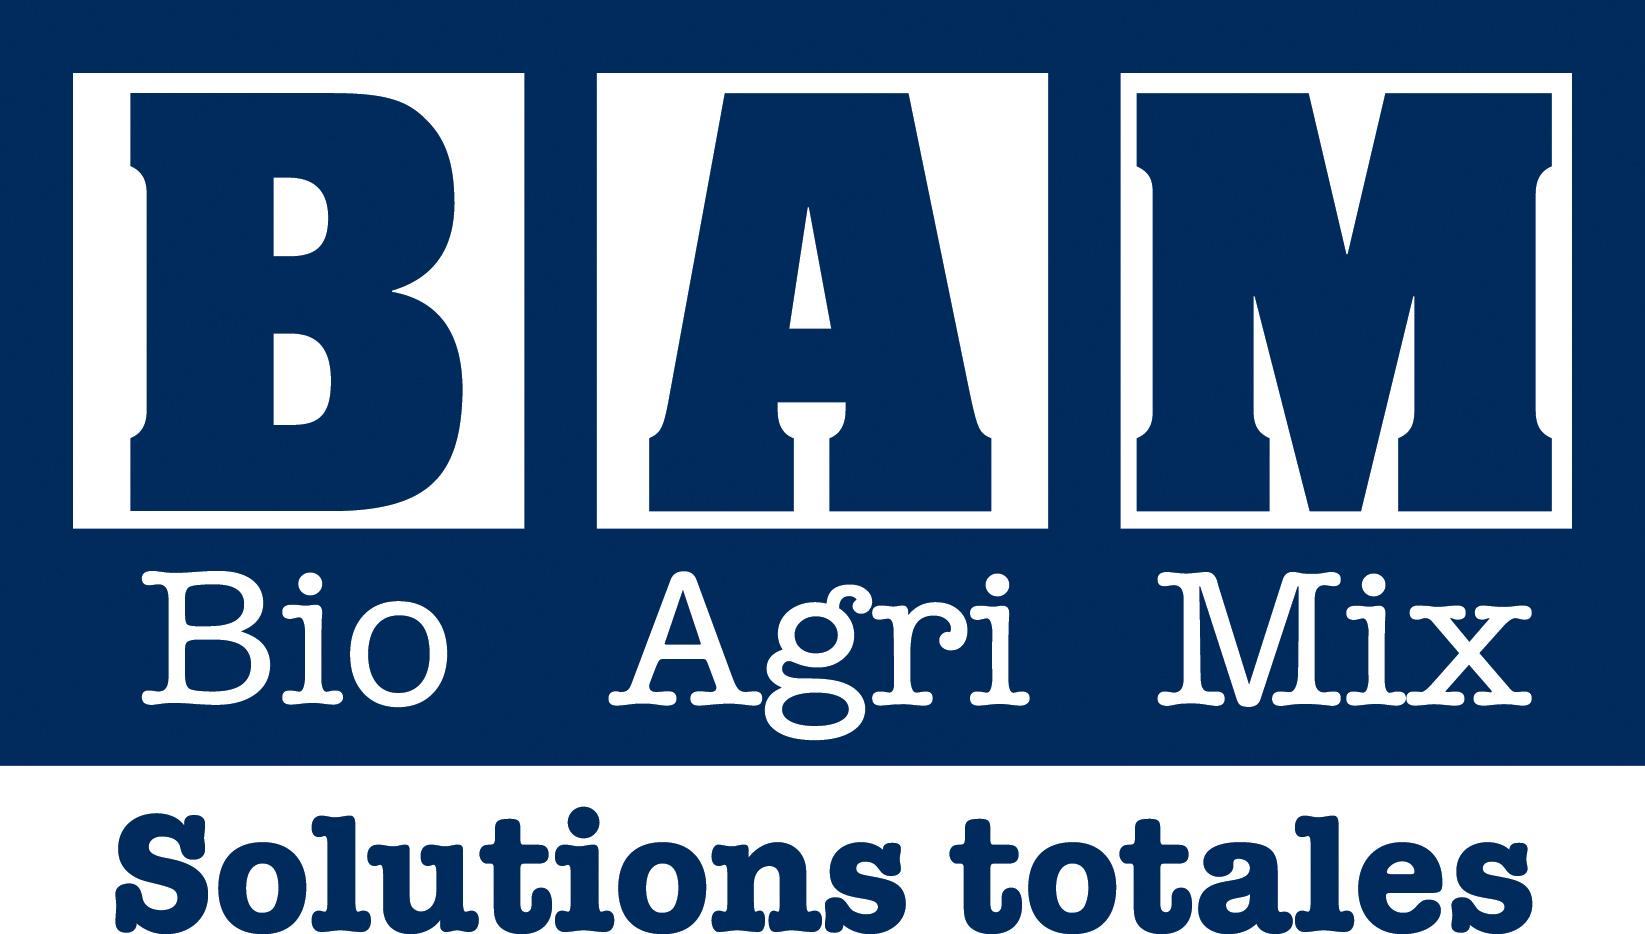 Bio Agri Mix